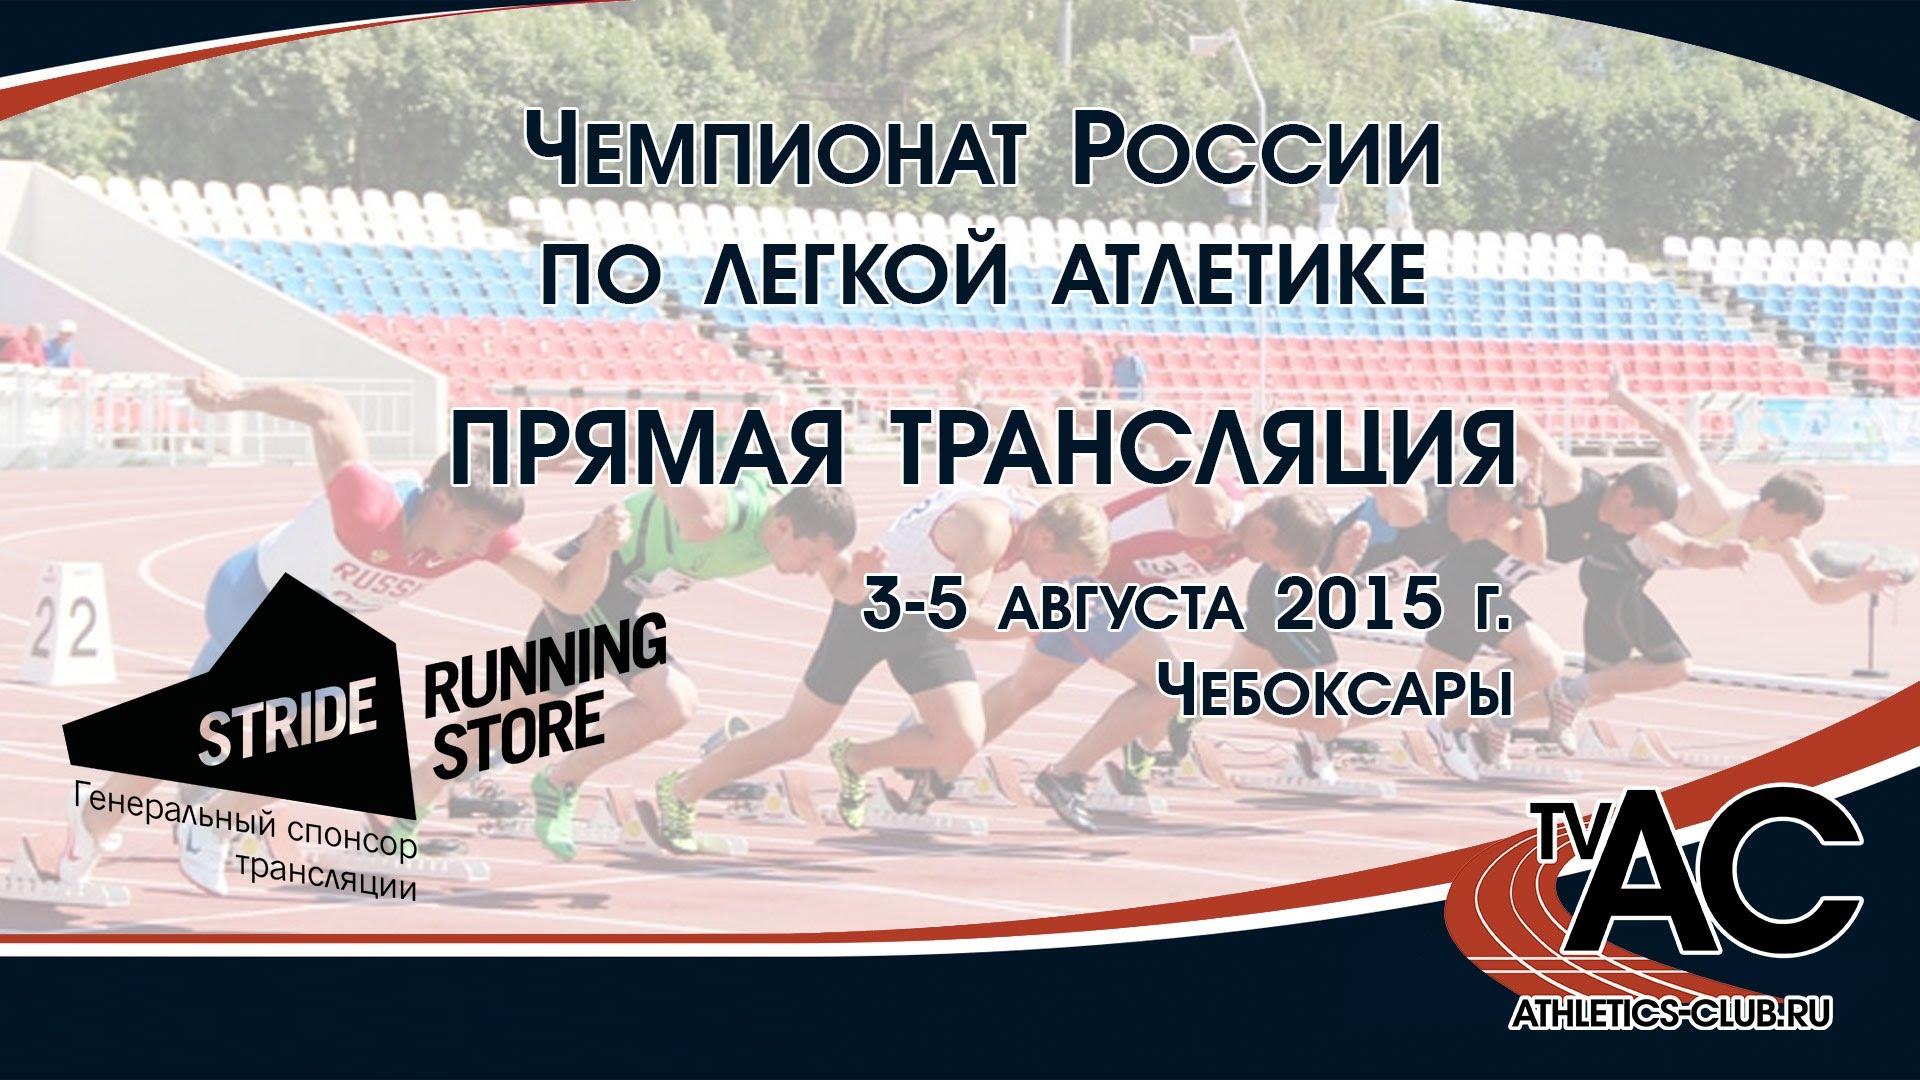 Чемпионат России по легкой атлетике (Чебоксары) - 2 день, вечер